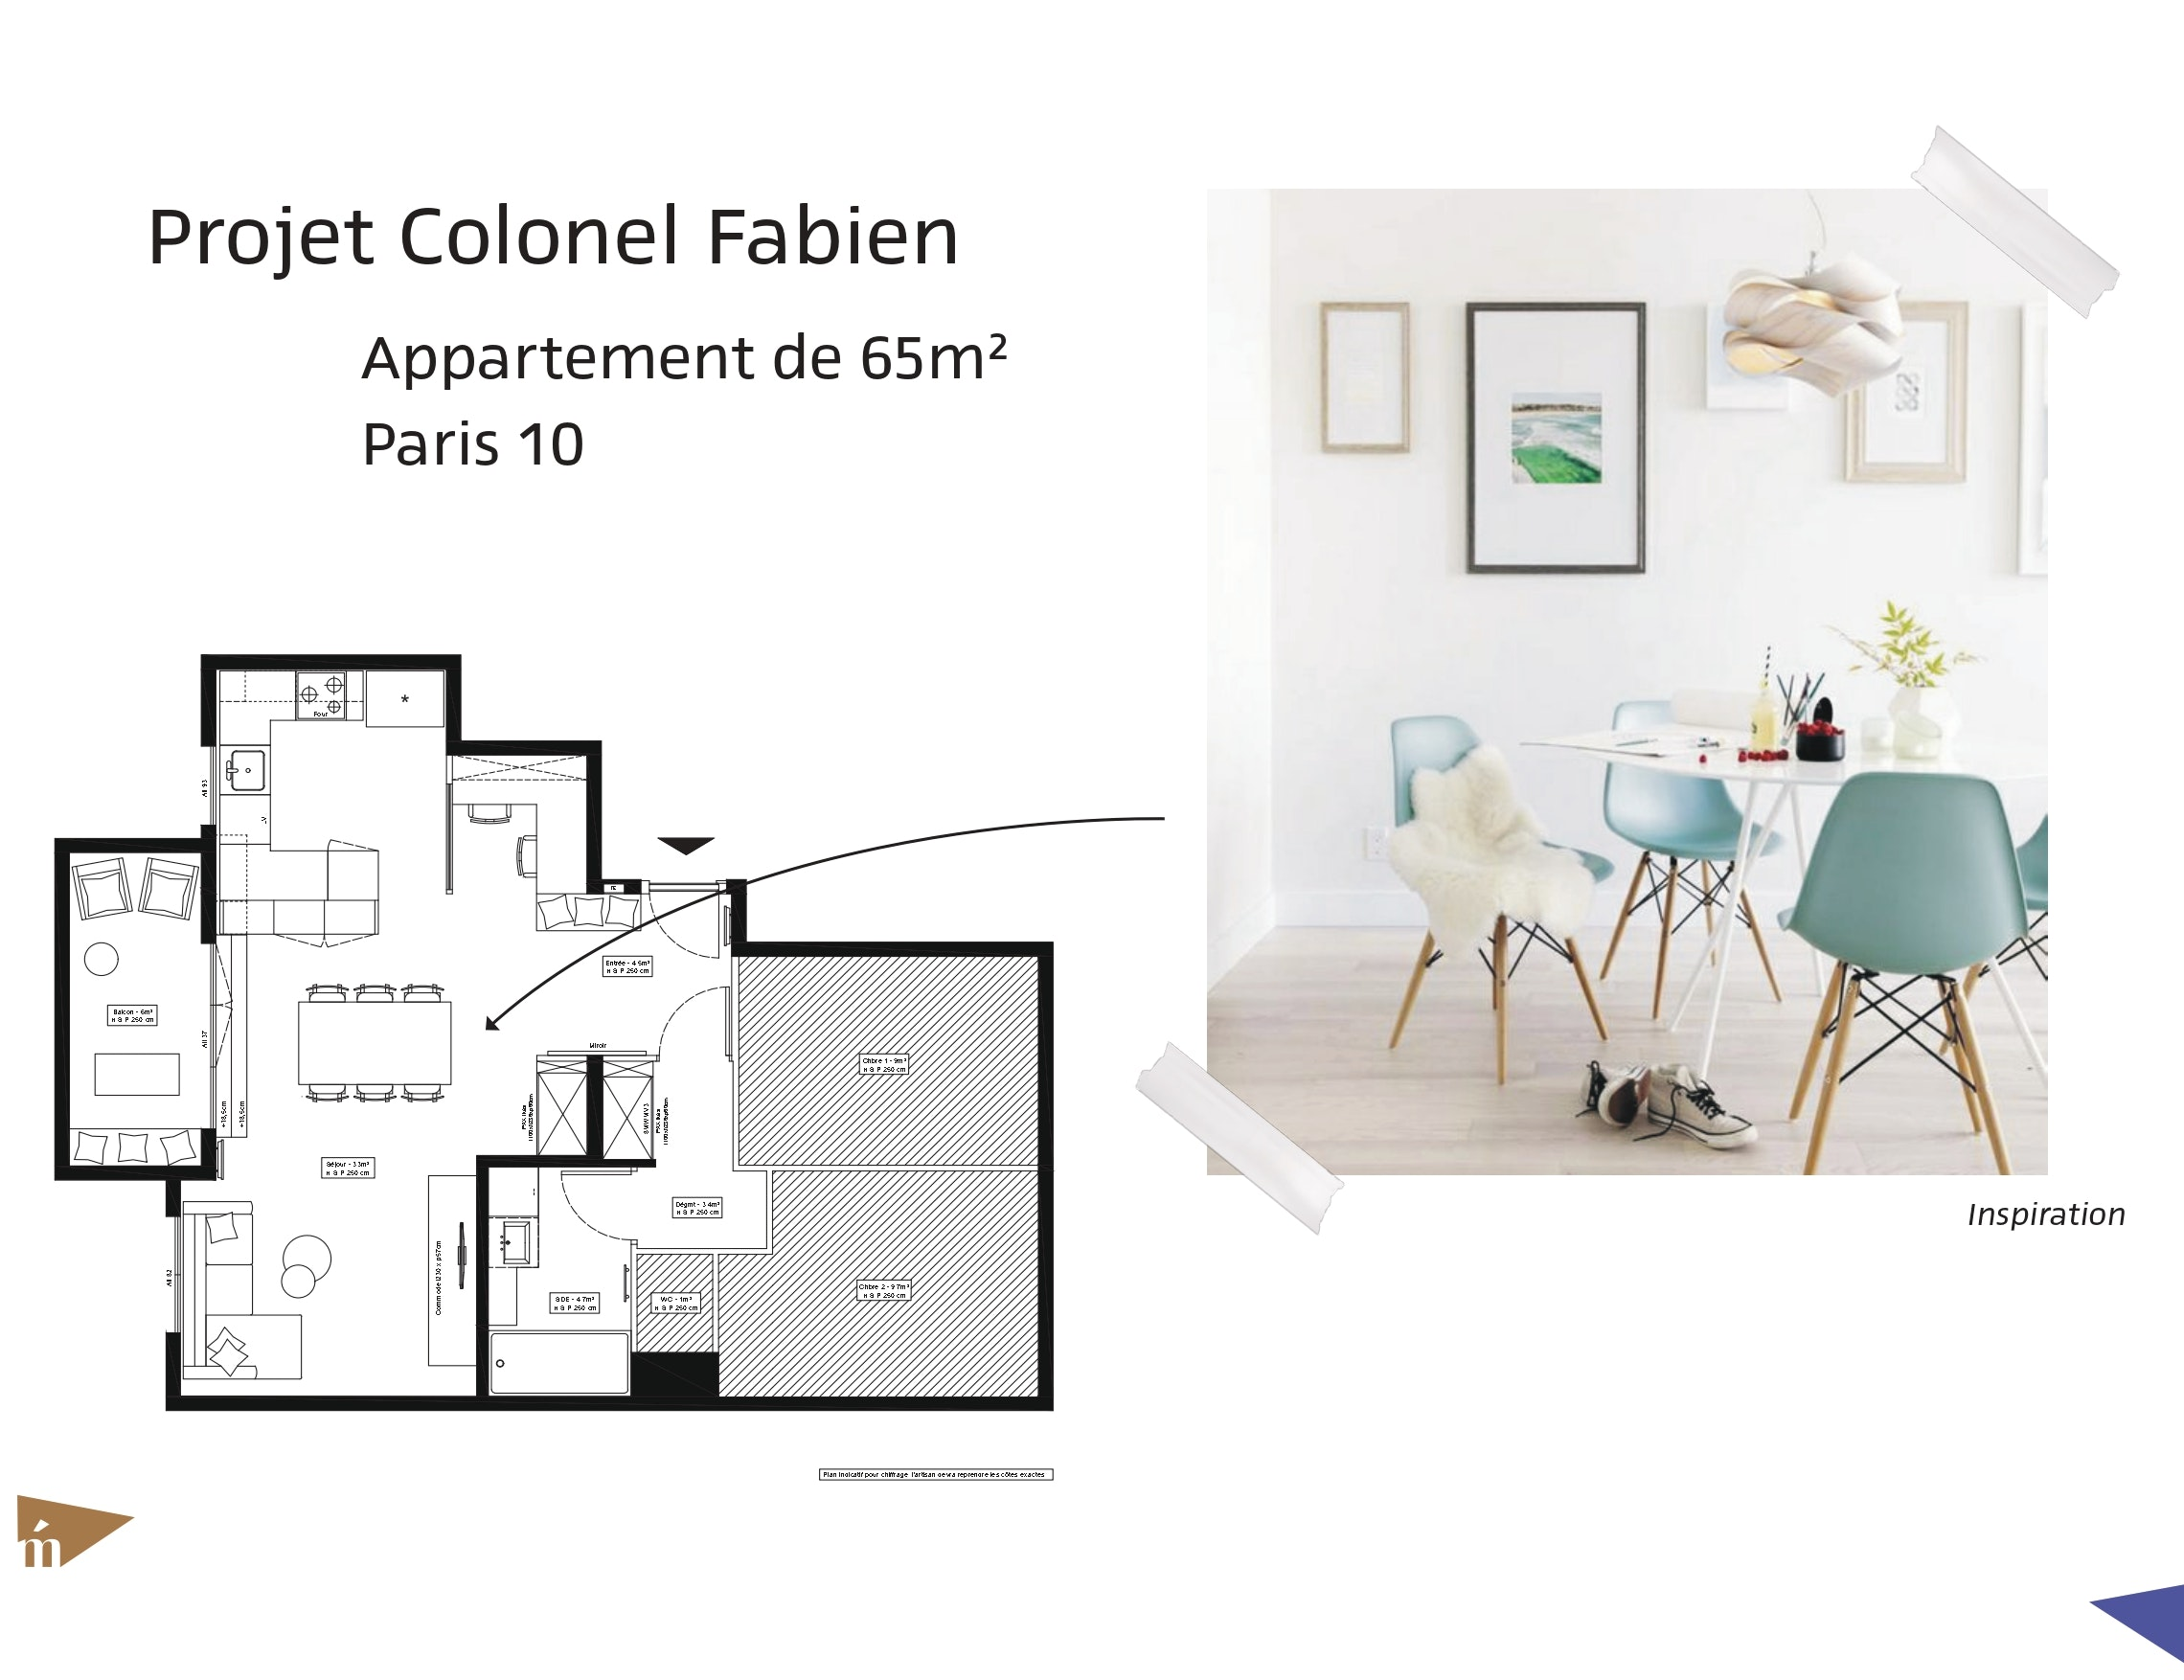 photo Projet Colonel Fabien - Appartement 65 m² - Paris 10 Léa Mast - Architecte hemea